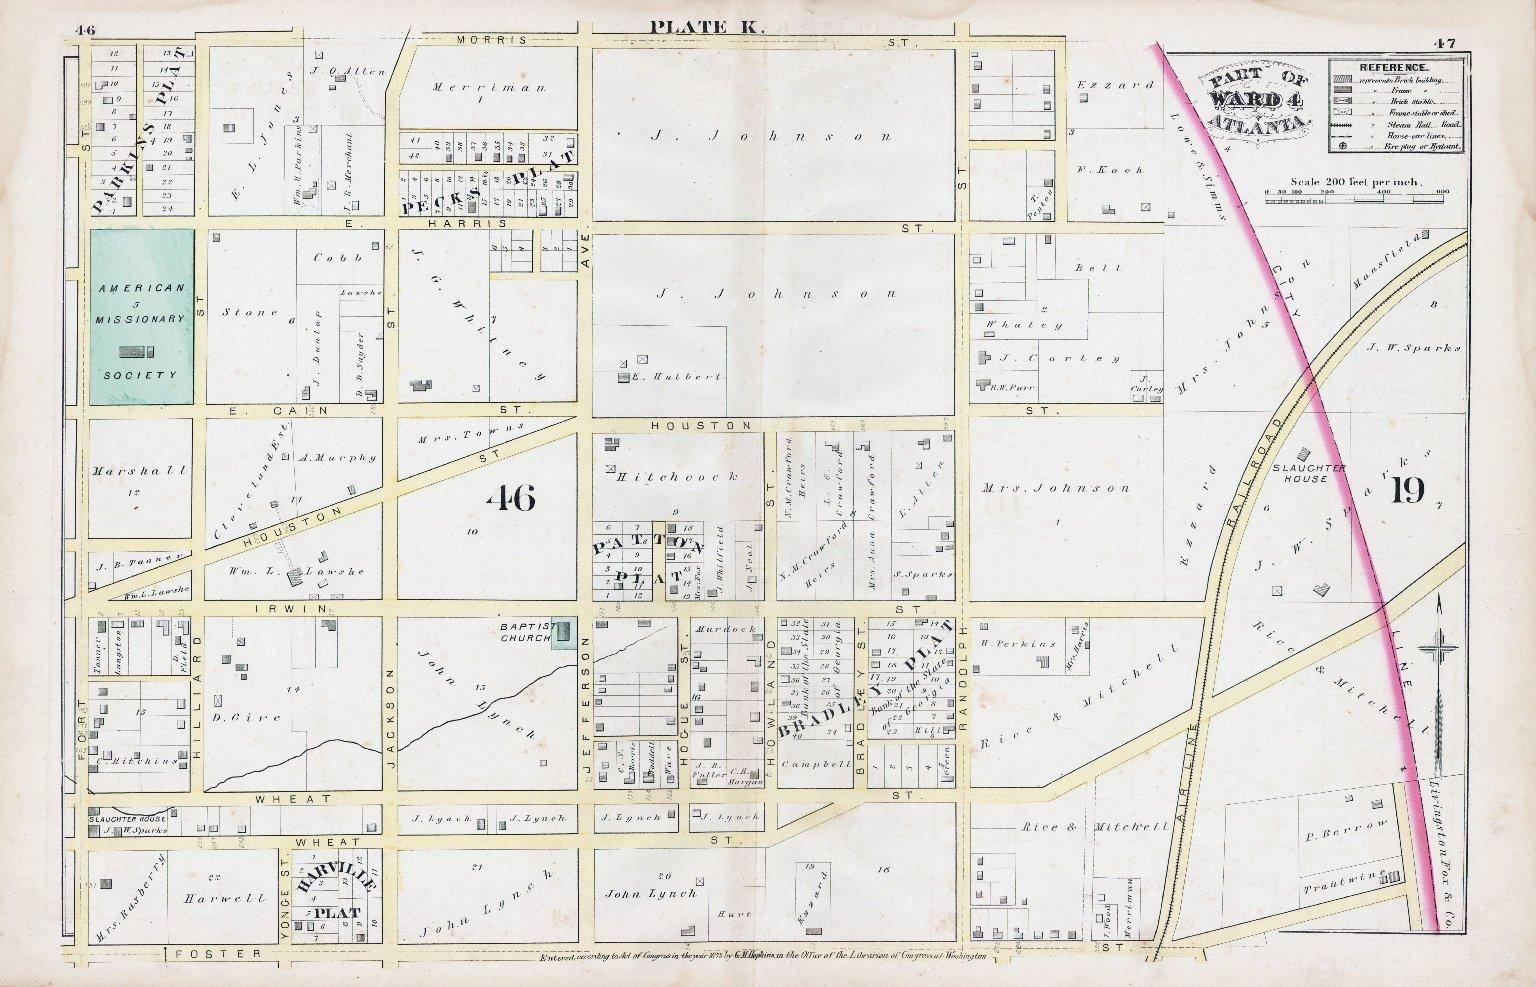 Plate K: Part of Ward 4: Atlanta